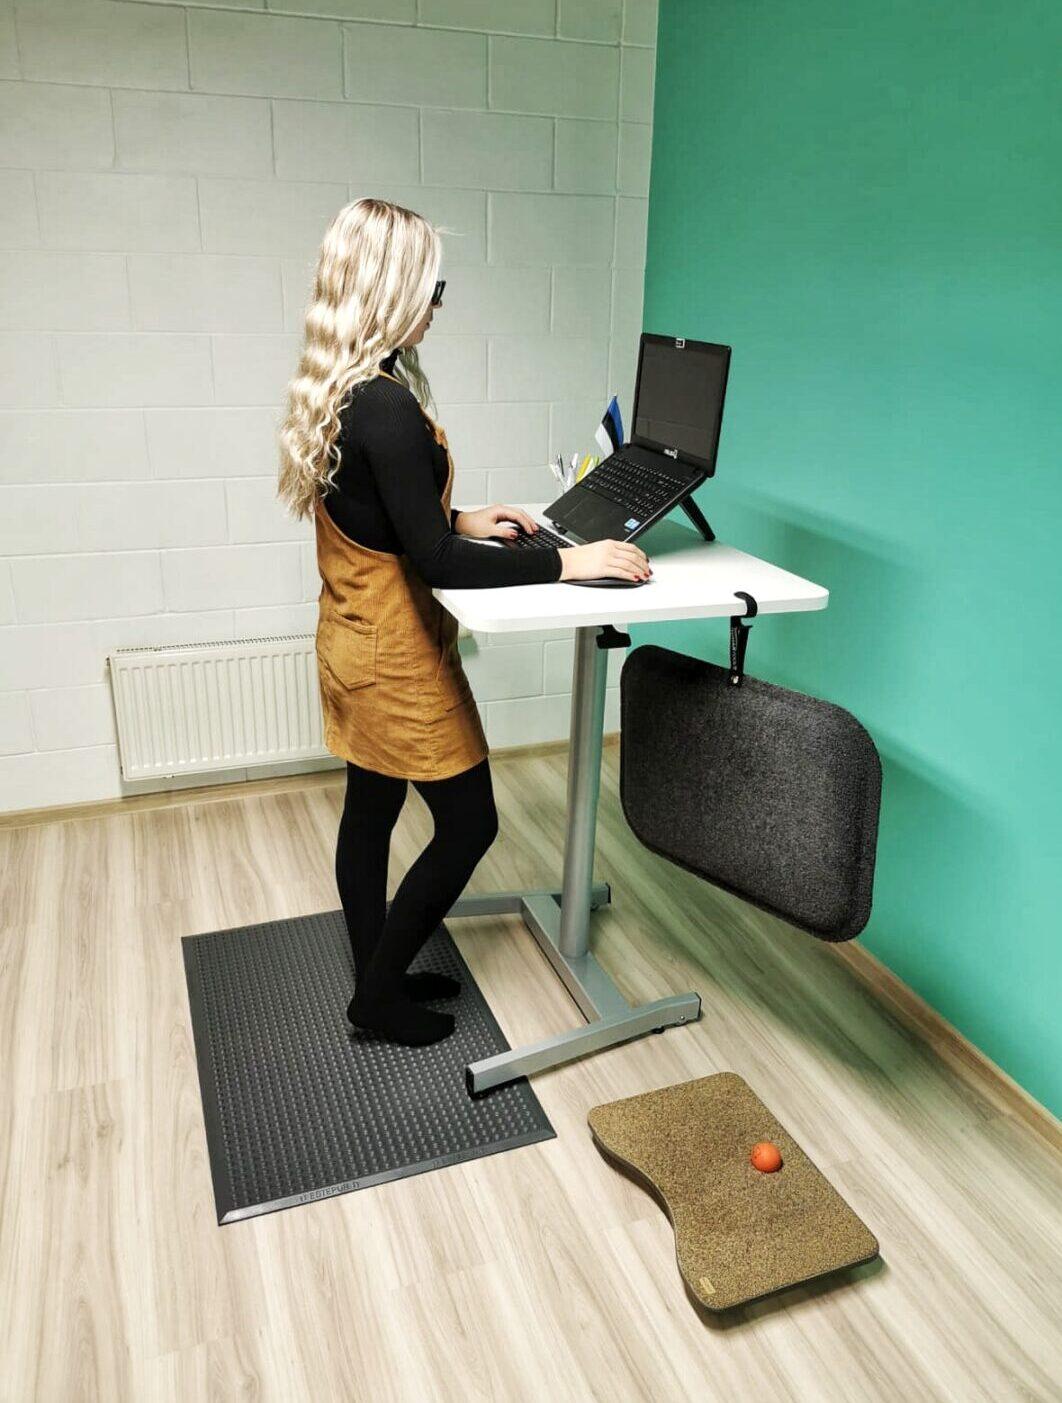 ergonoomiline-seismineergonoomiline-seismine ergonoomika ergoway töötervishoid kontoritool töölaud laud arvuti sülearvuti seisulaud